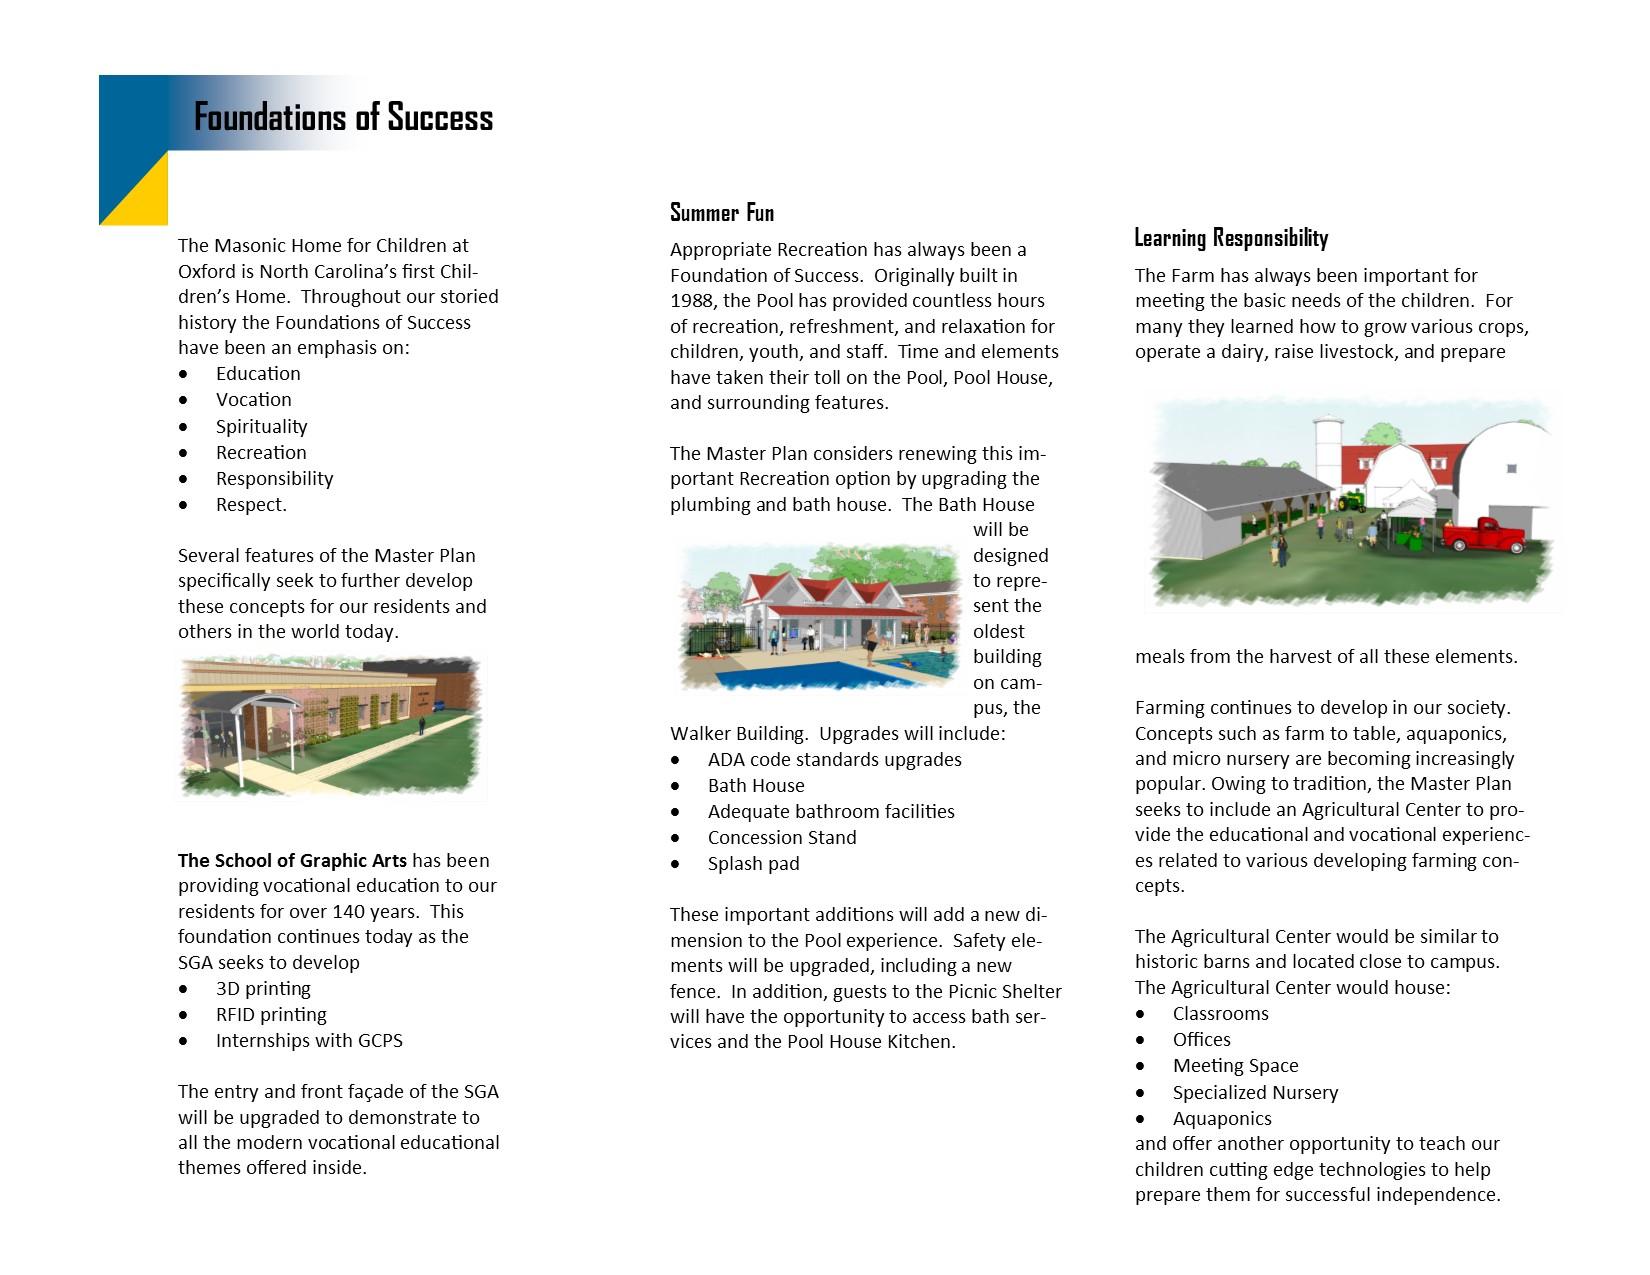 master-plan-brochure-9-16-2